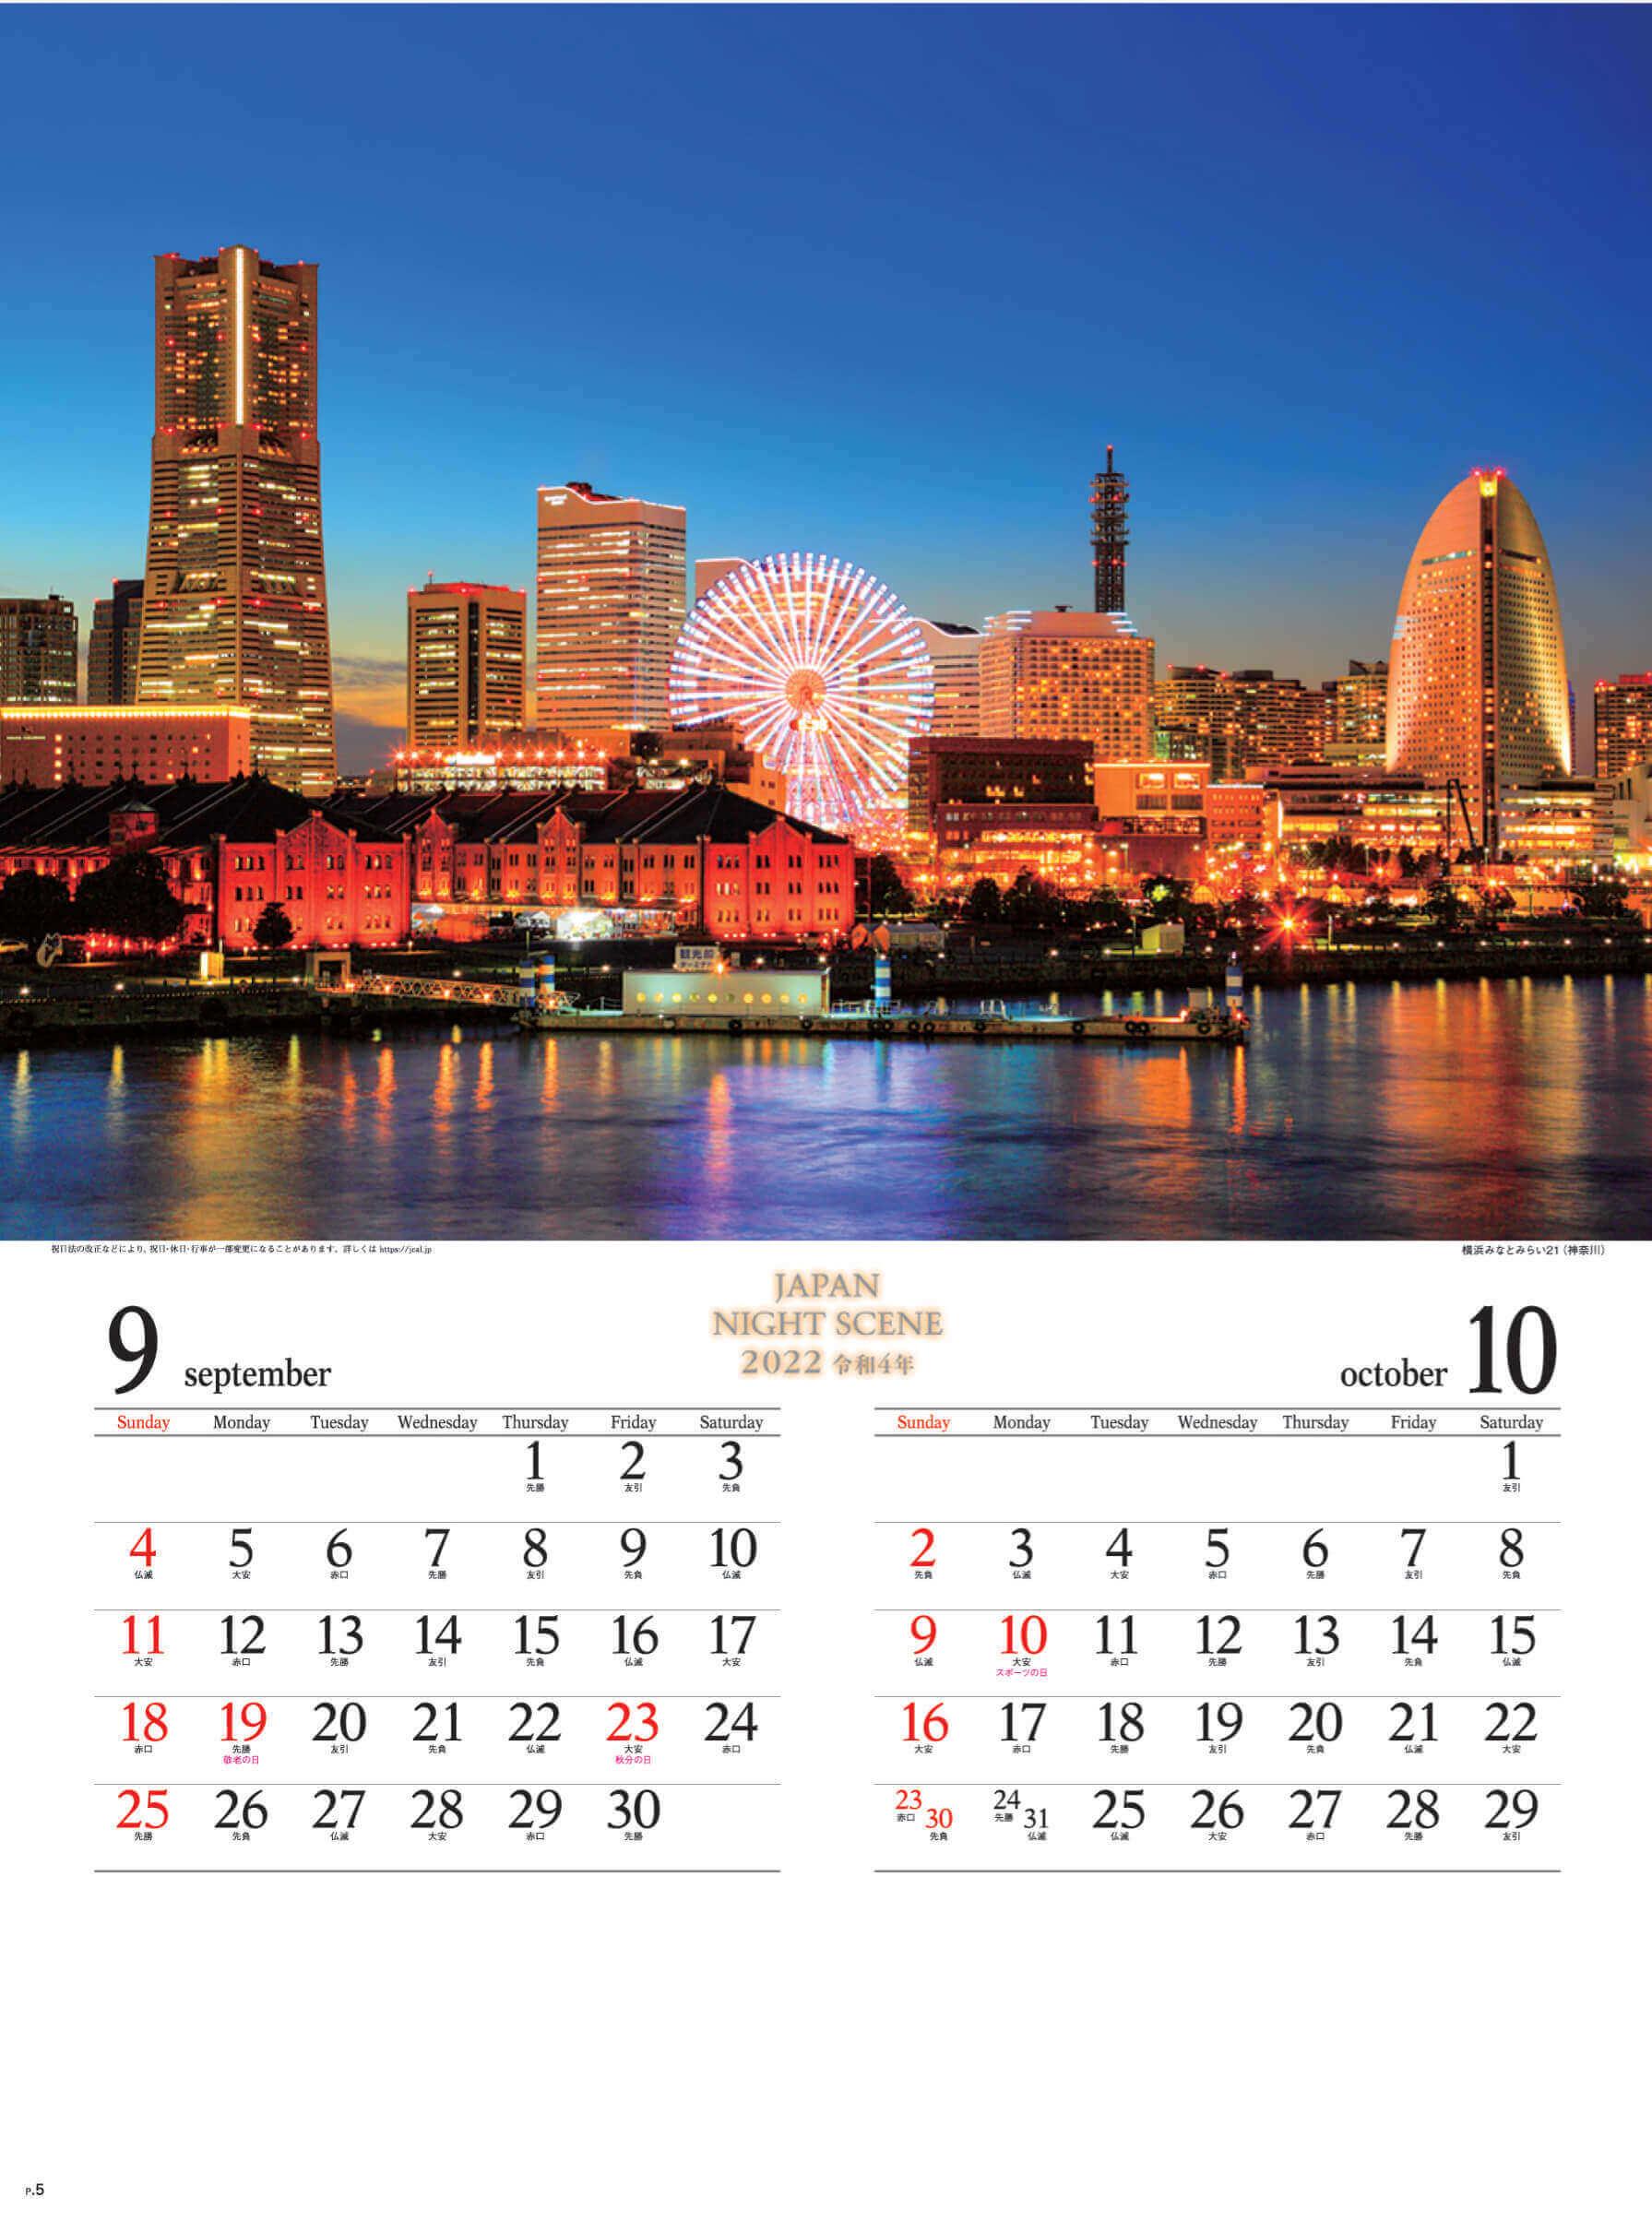 9-10月 横浜みなとみらい21(神奈川) ジャパンナイトシーン 2022年カレンダーの画像